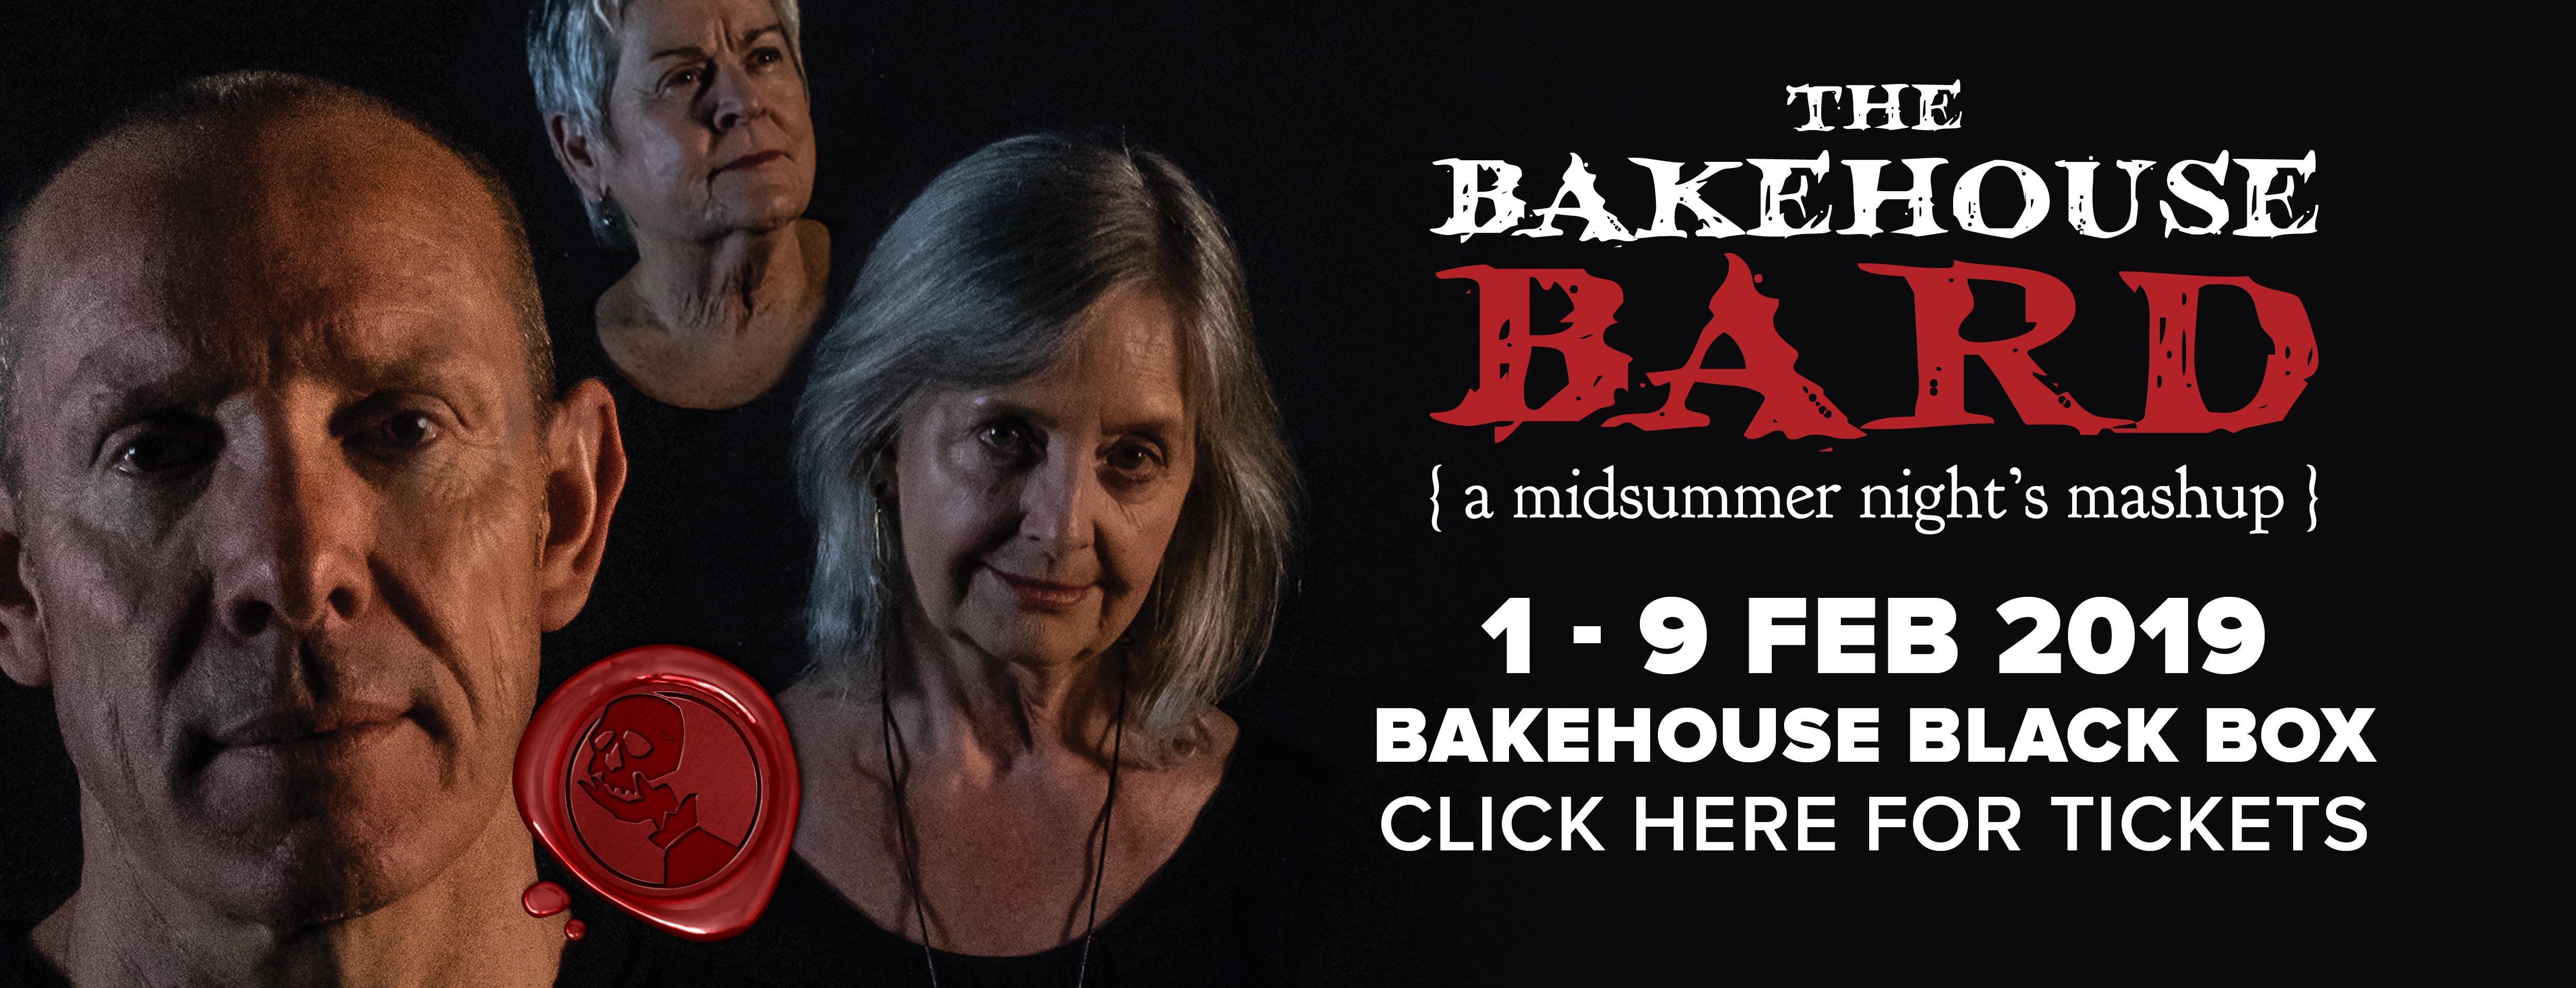 Bakehouse Bard